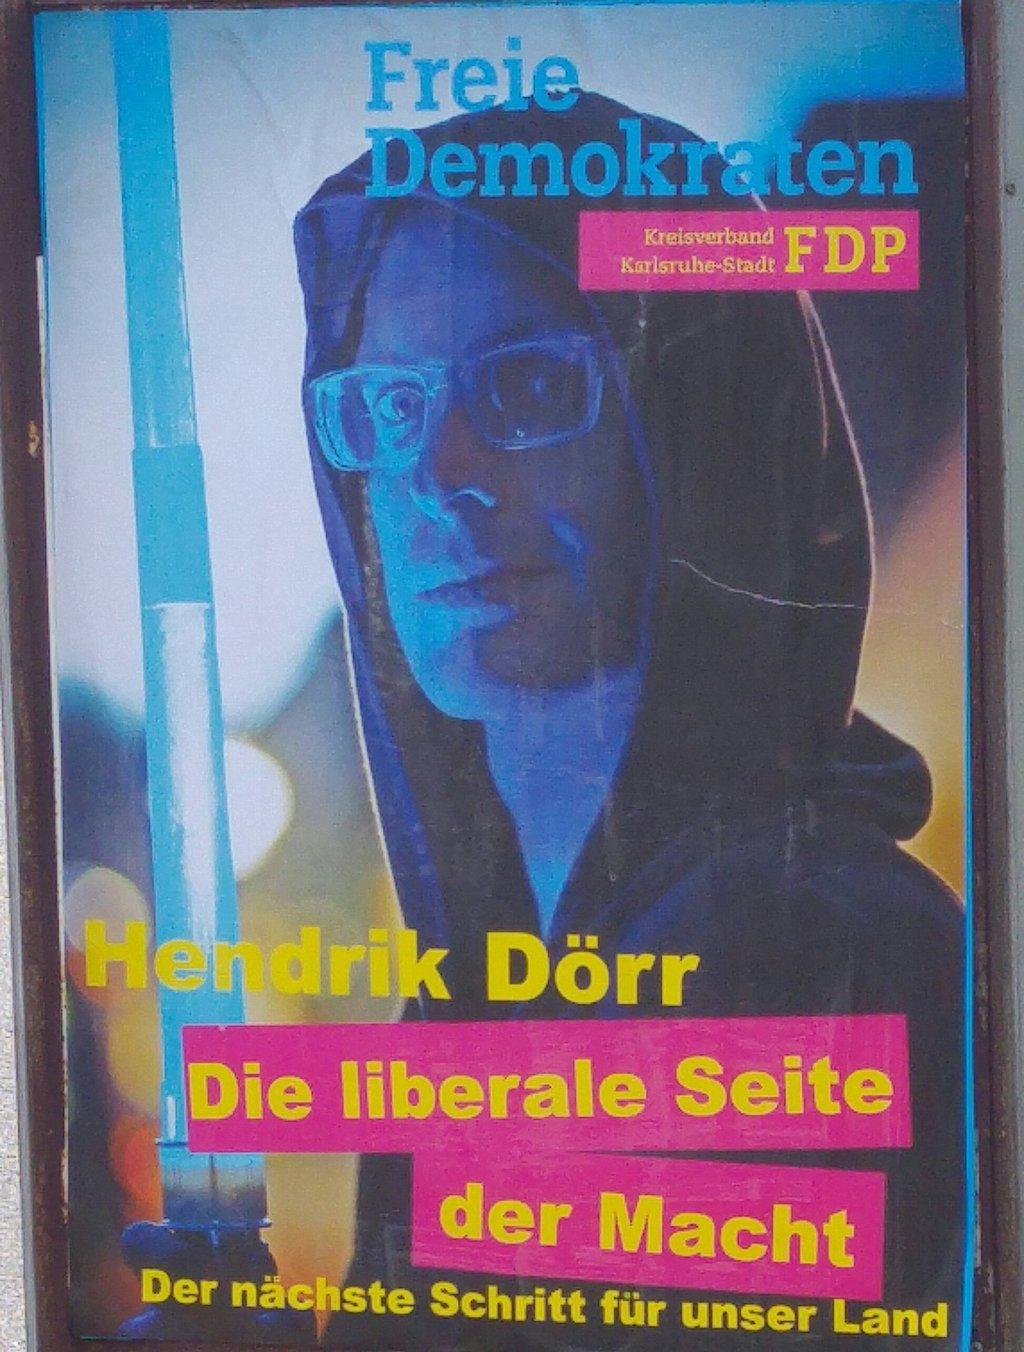 fdp liberales star wars